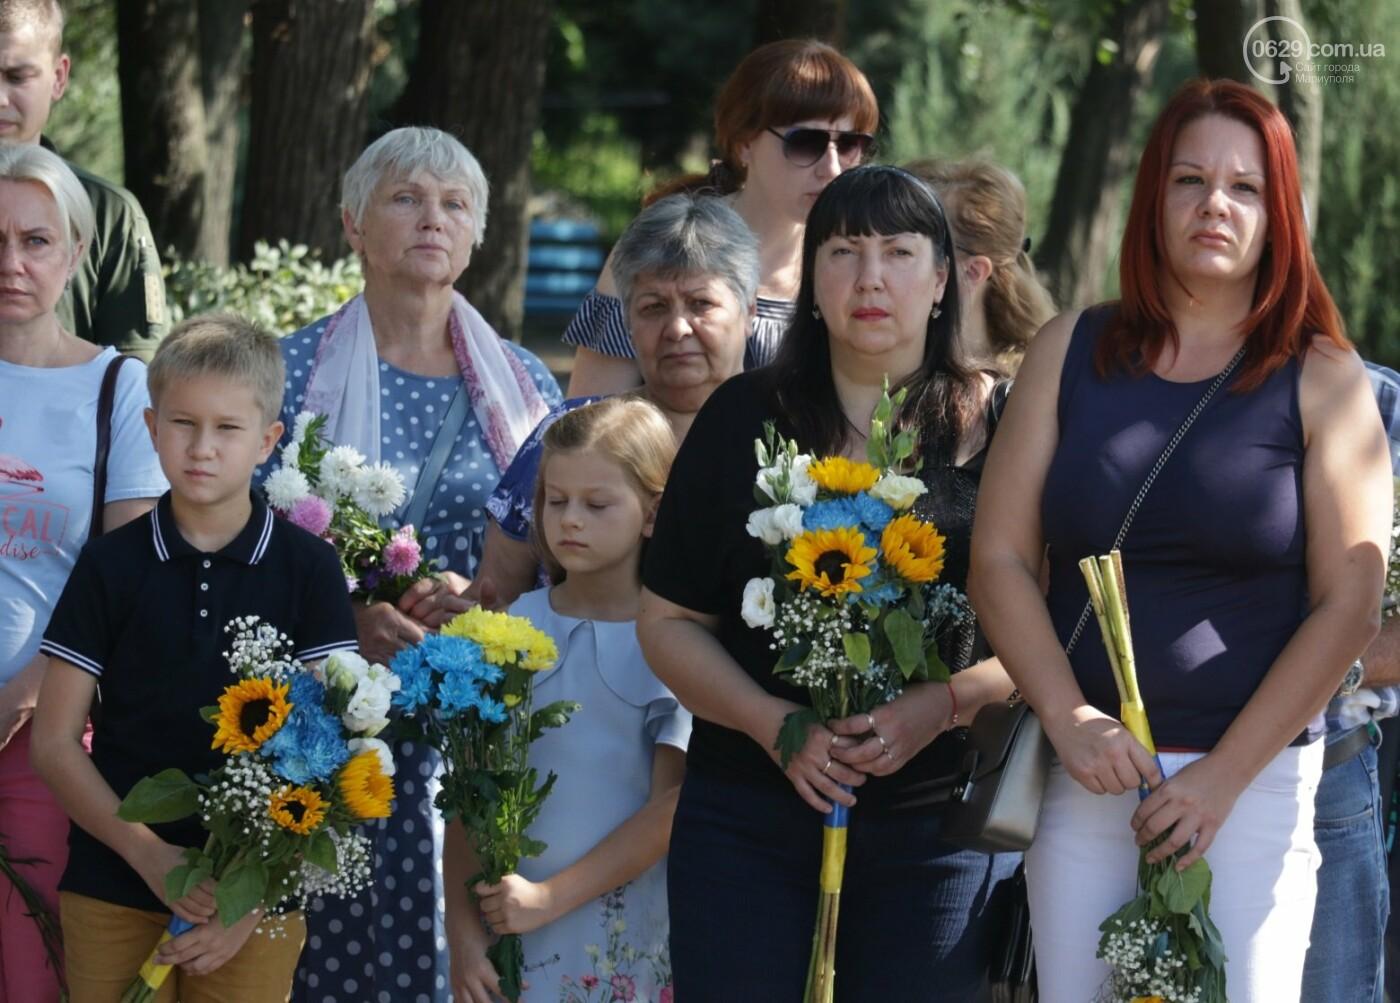 Общенациональная минута молчания. Как в Мариуполе почтили память защитников Украины, - ФОТОРЕПОРТАЖ, фото-16